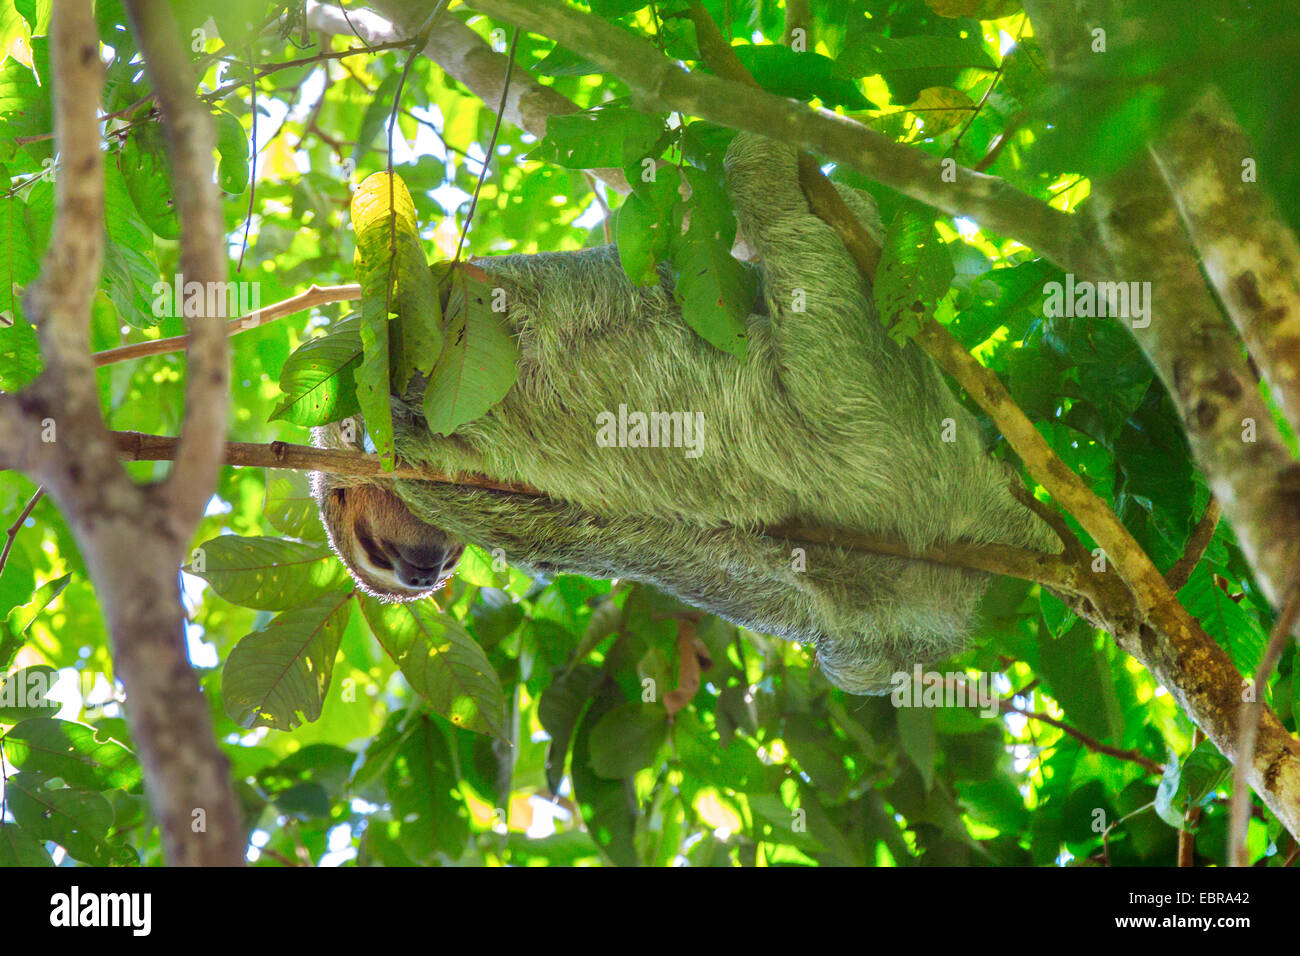 Linnaeus' dos dedos cada sloth (Choloepus didactylus), colgando en una rama de un árbol corona y descansando, Costa Rica Foto de stock